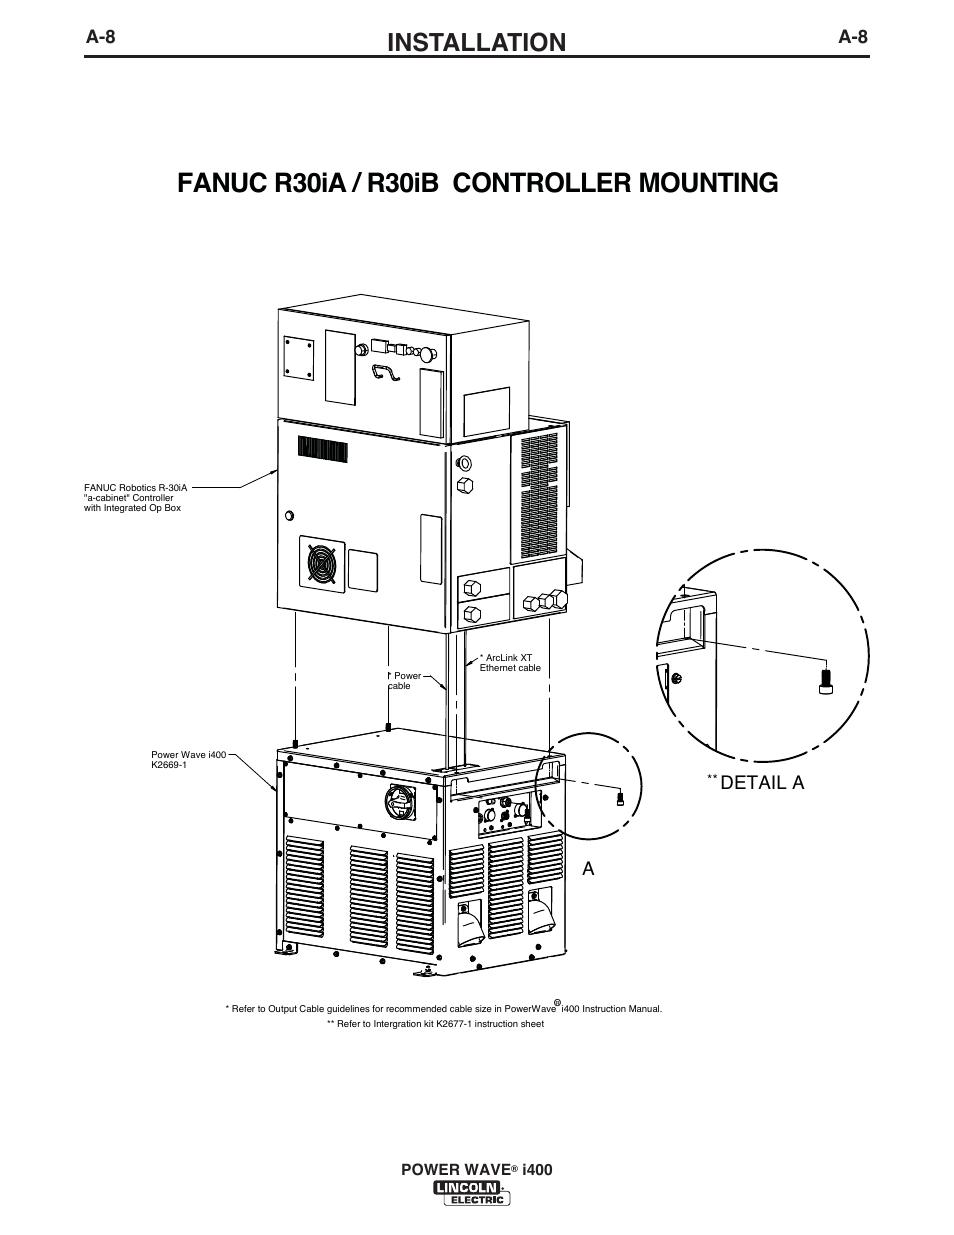 Fanuc r30ia / r30ib controller mounting, Installation